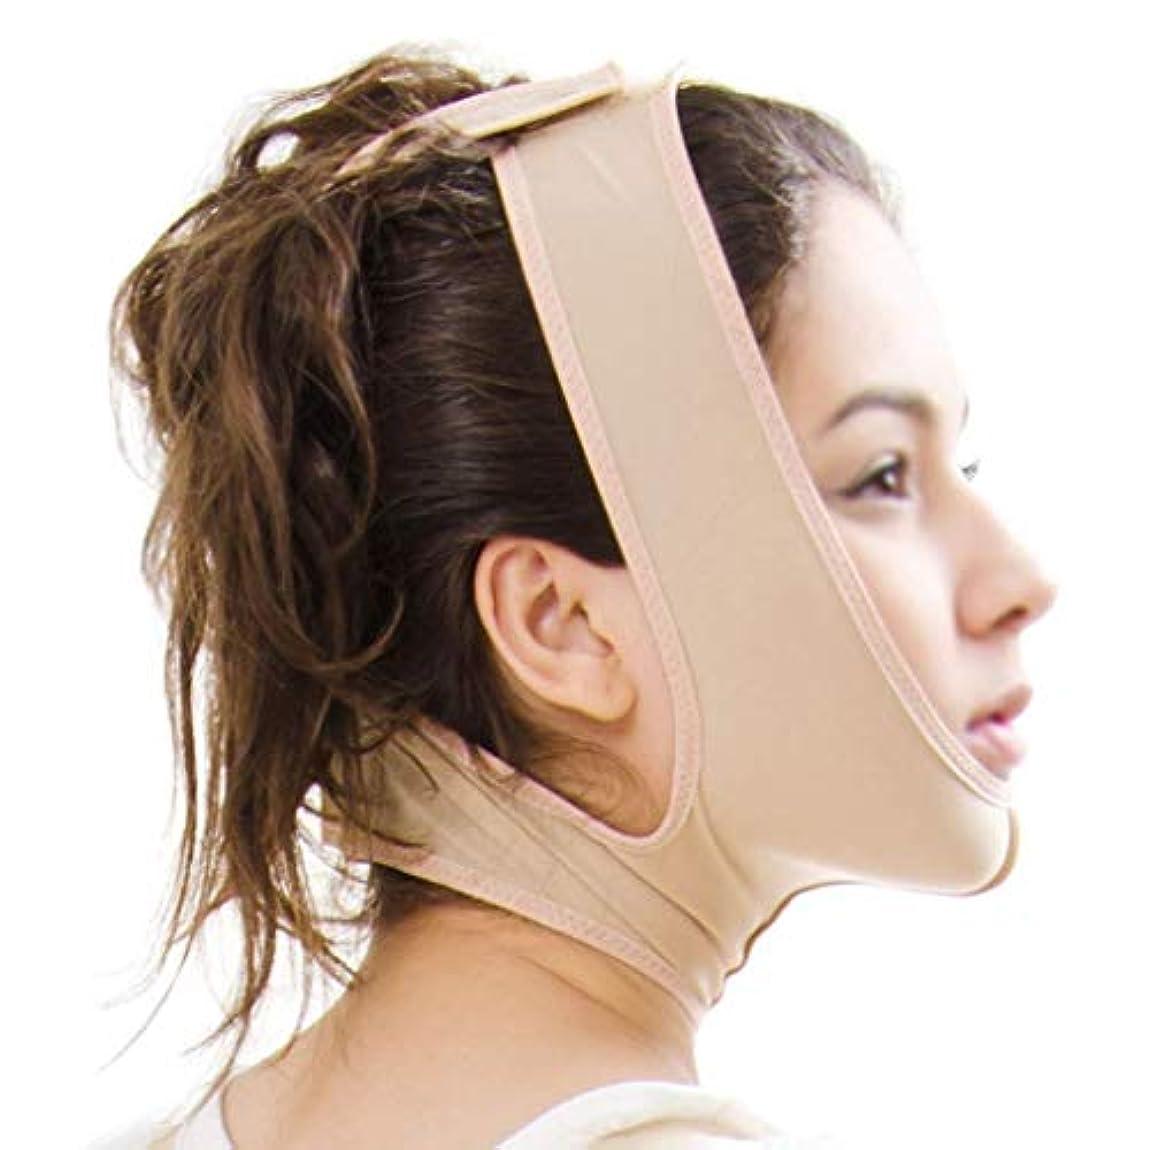 租界対話サービス顔のリフティング包帯、あごの首と首のあごの二重顔、脂肪吸引術、術後創傷マスク(サイズ:XXL)